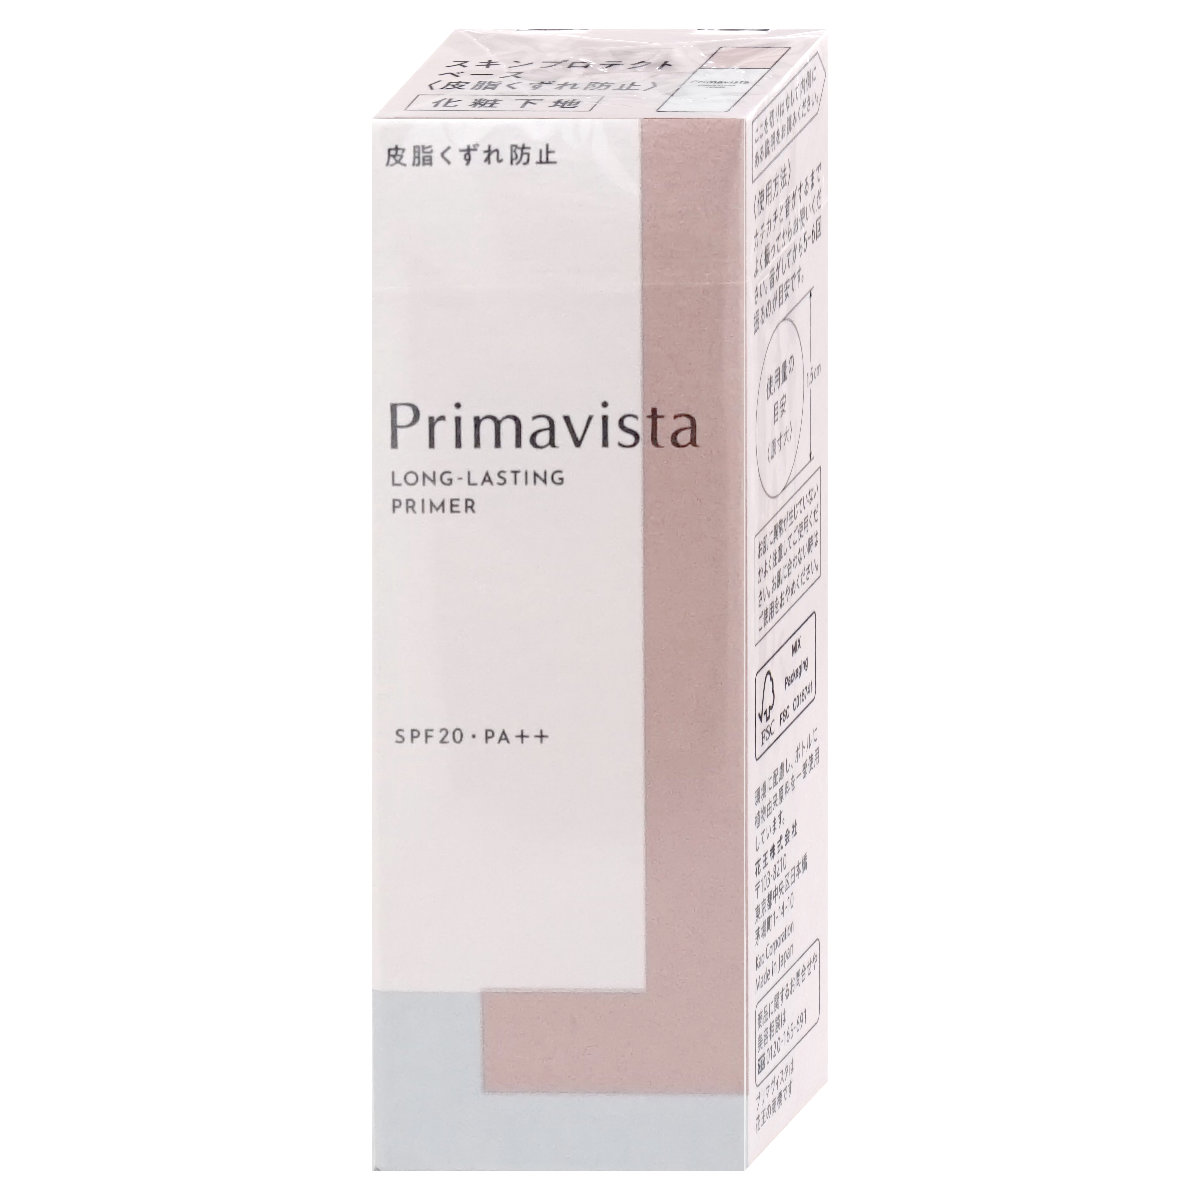 プリマヴィスタ スキンプロテクトベース(皮脂くずれ防止)